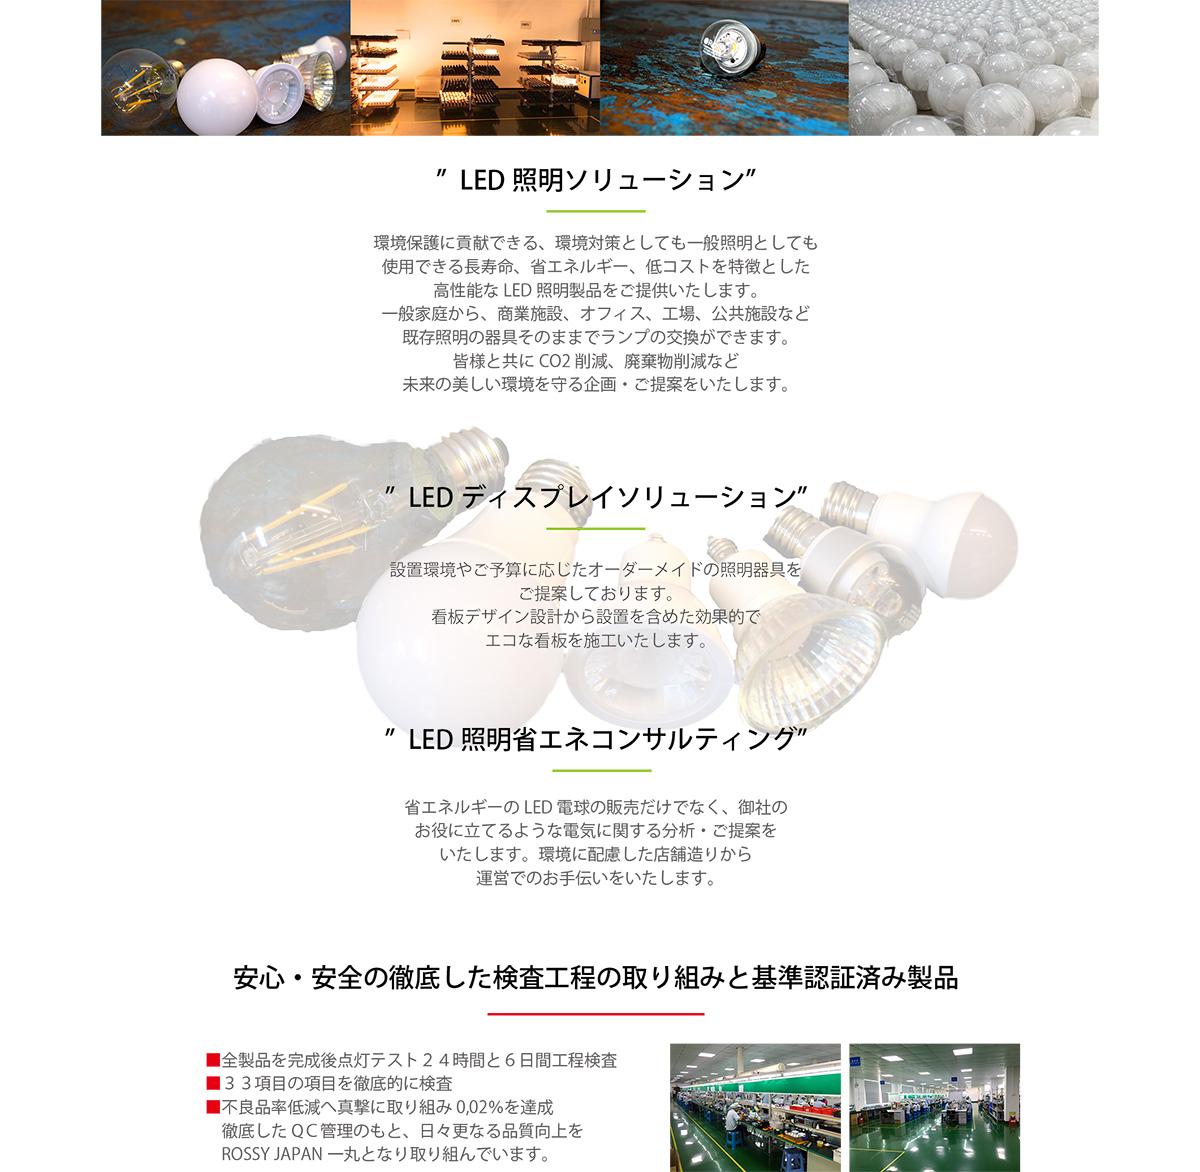 ロッシージャパンのコピー